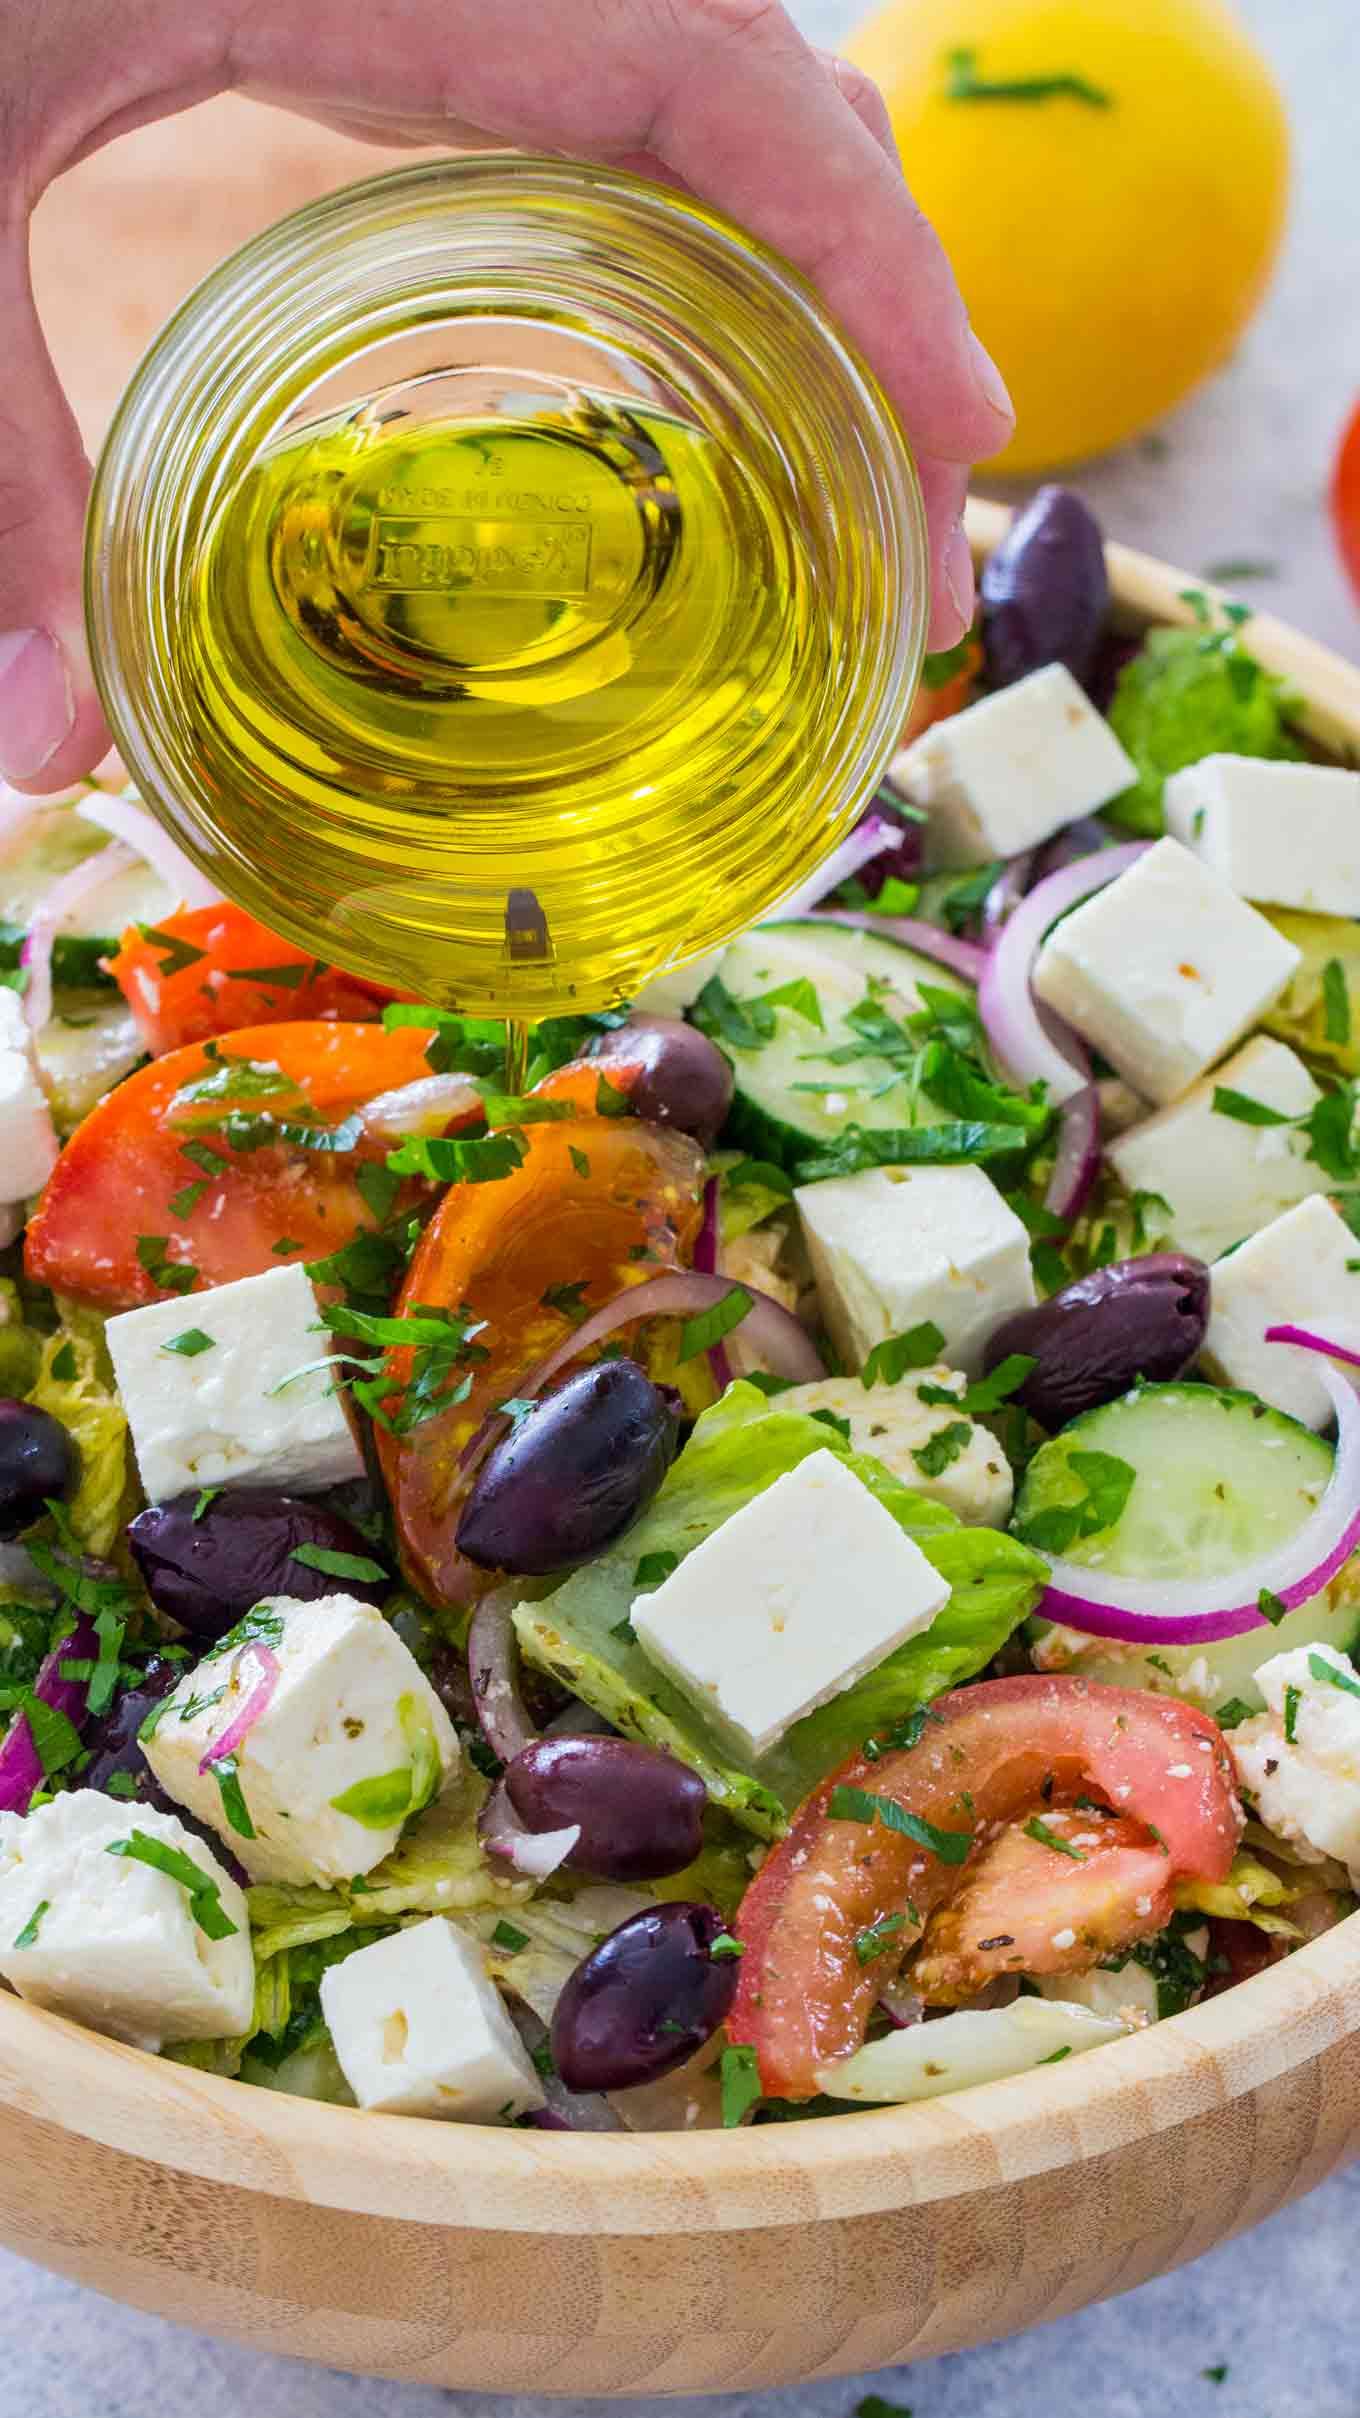 Salade grecque- une salade classique mais délicieuse